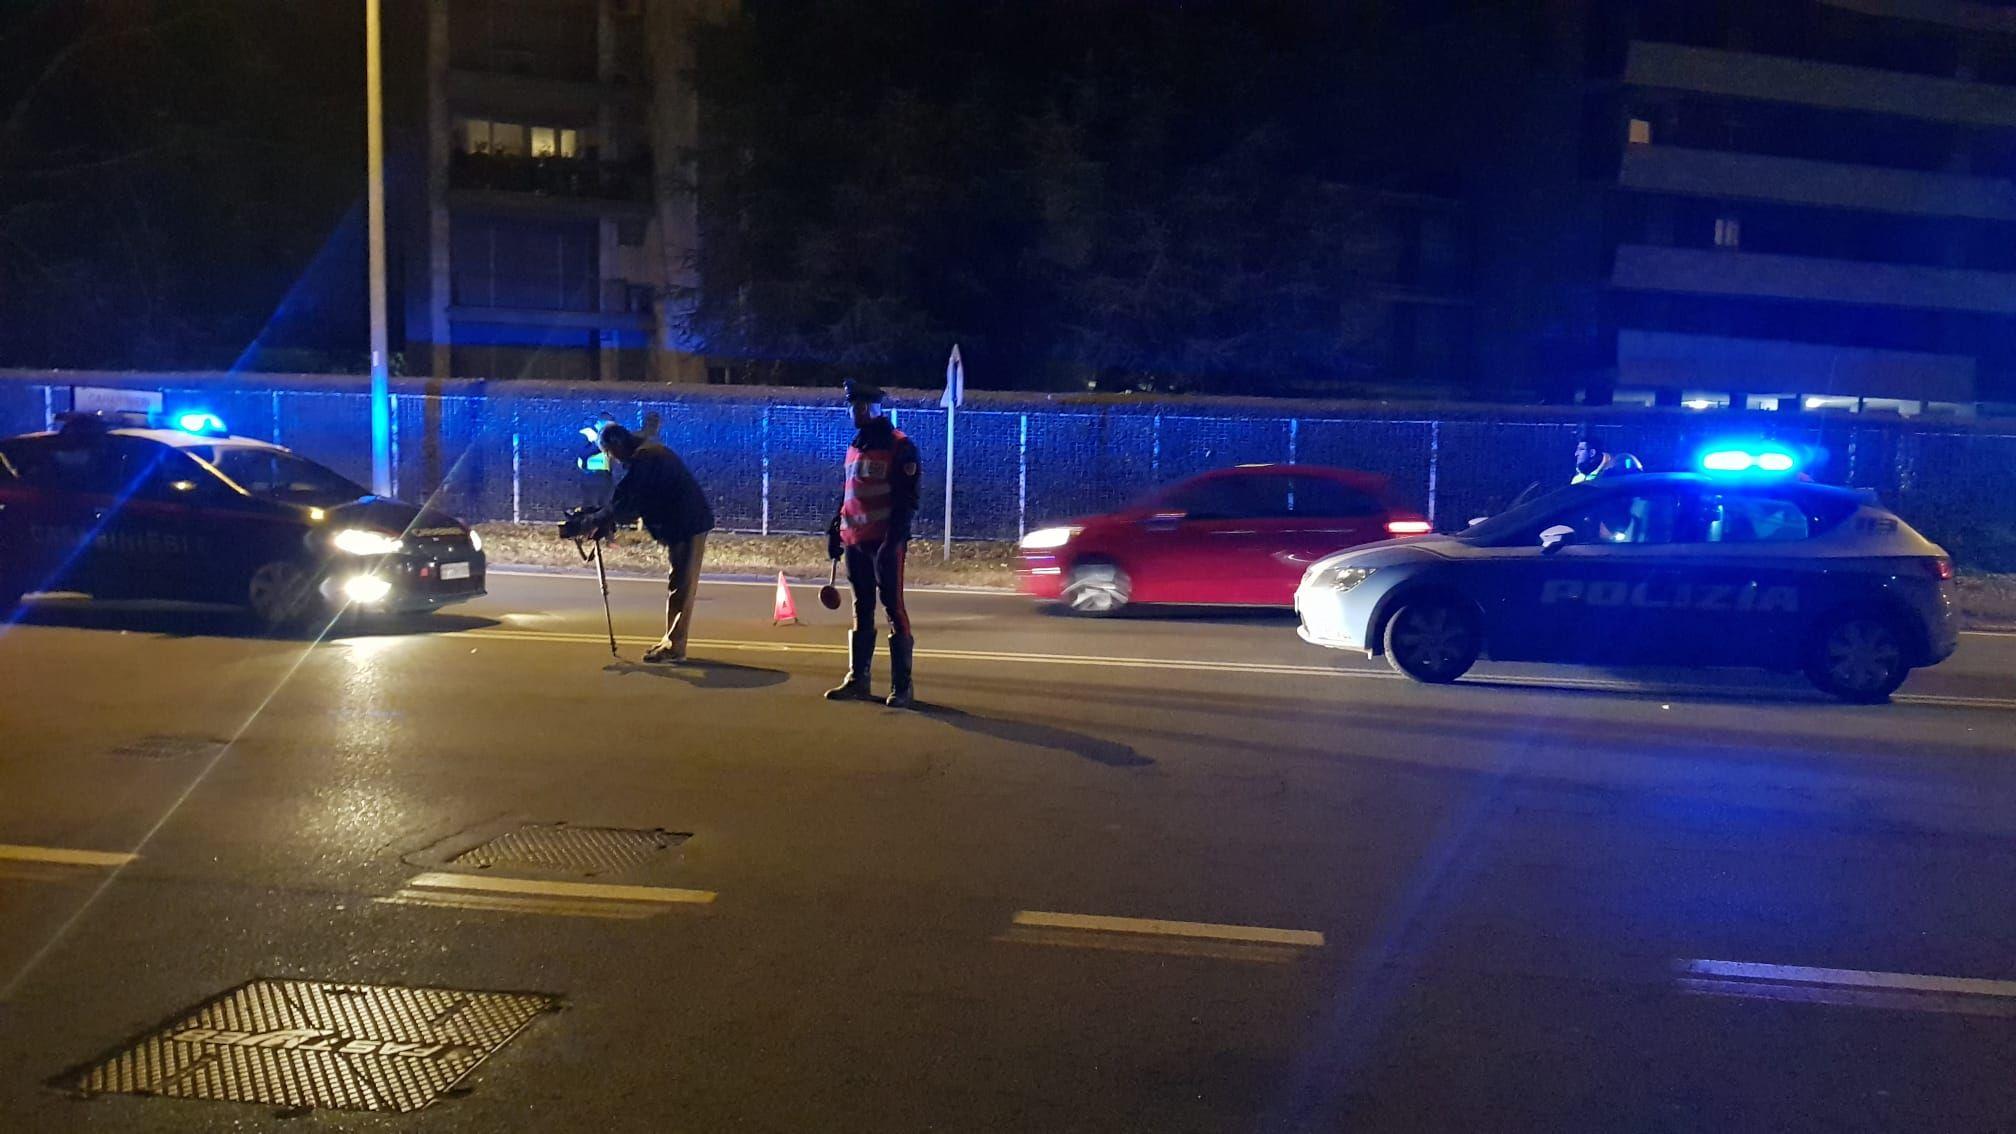 TRAGEDIA A IVREA - E' morta una delle donne investite sulle strisce pedonali di via Jervis - FOTO e VIDEO